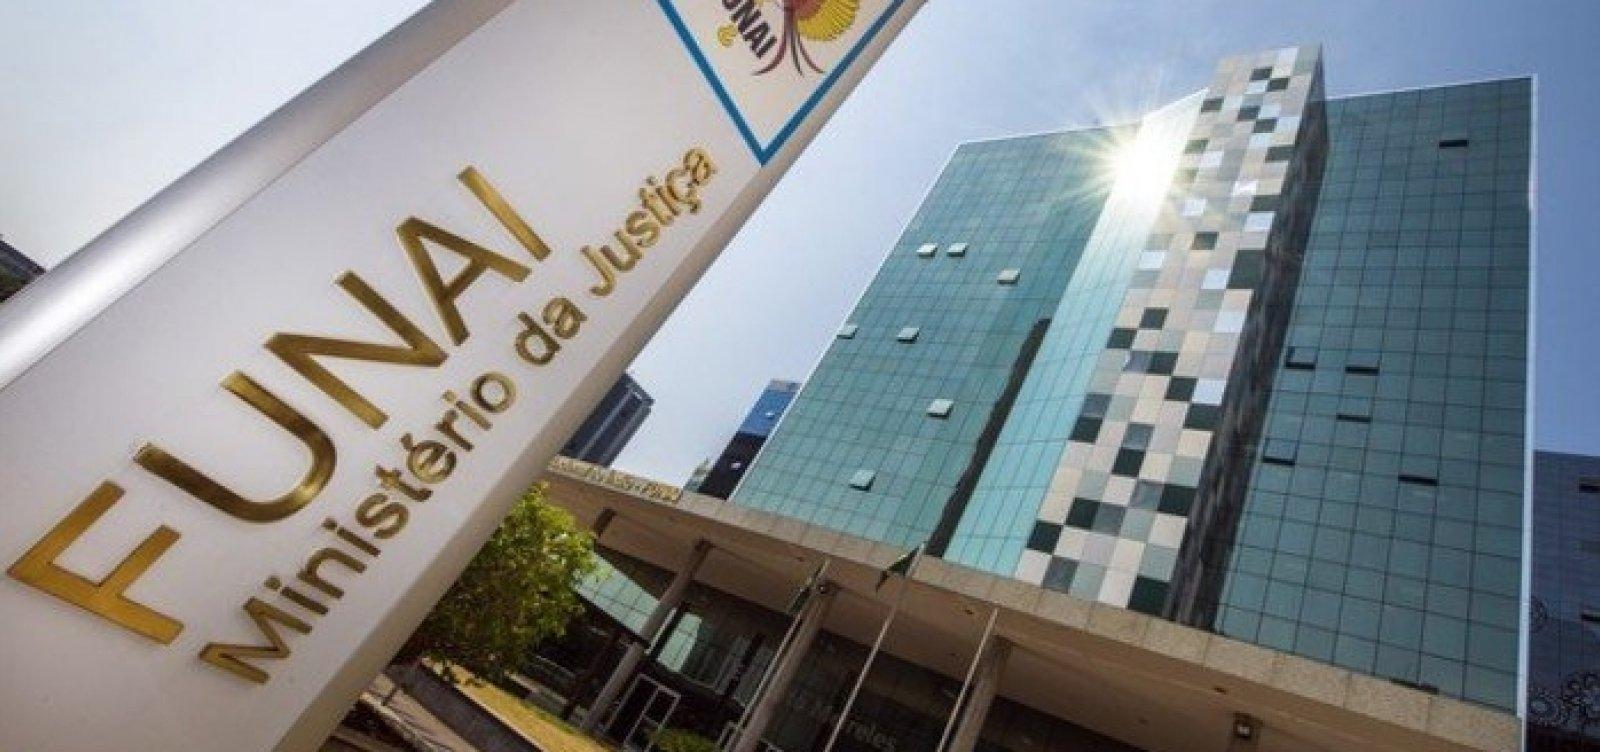 [STJ suspende decisão que impedia nomeação de coordenador da Funai]